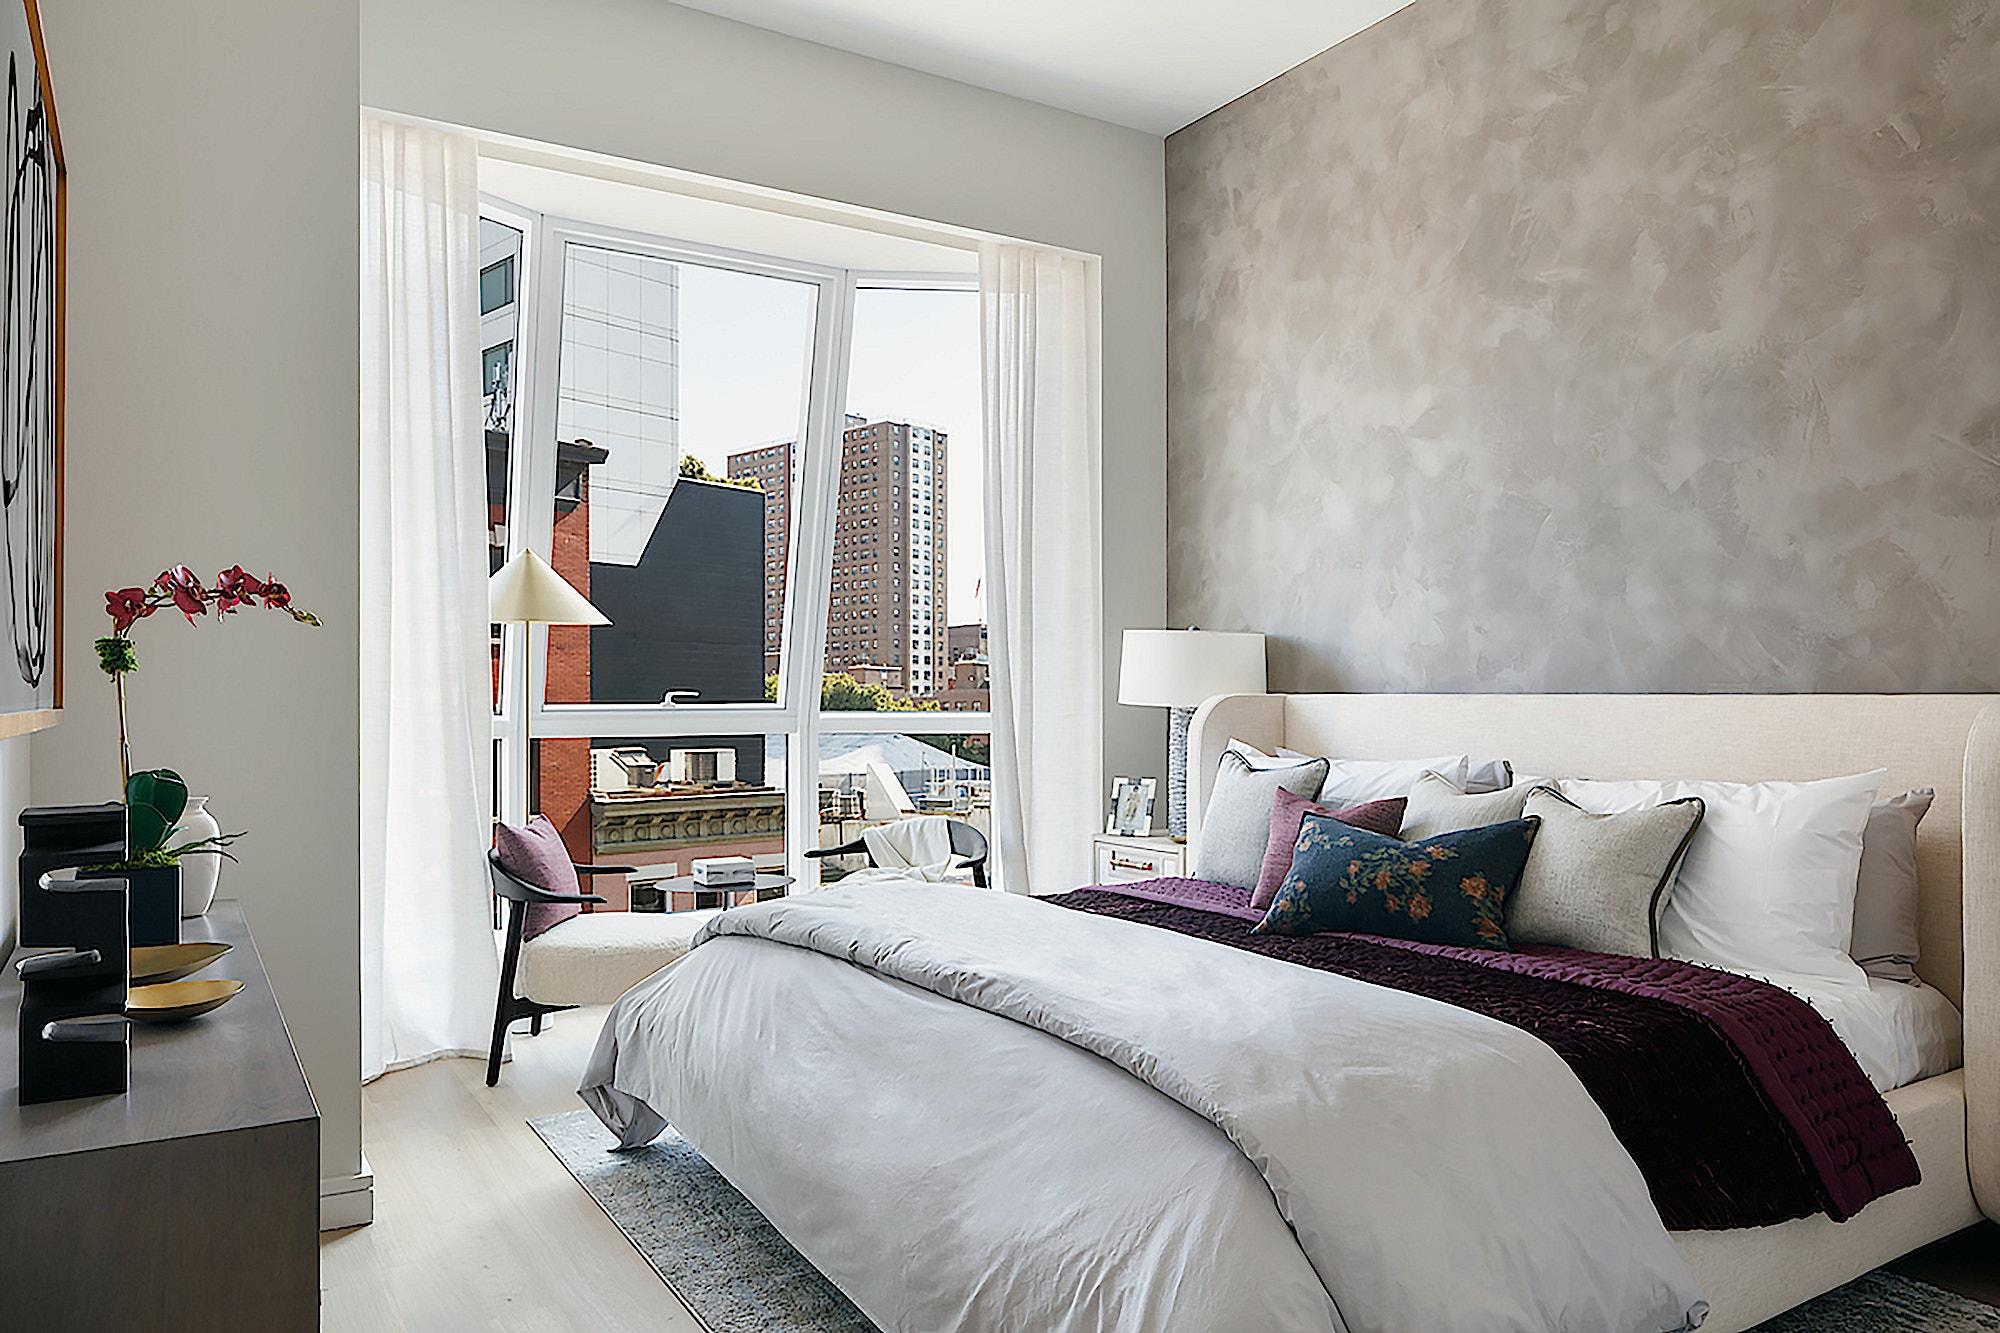 Related-Lantern-House-Model-bedroom